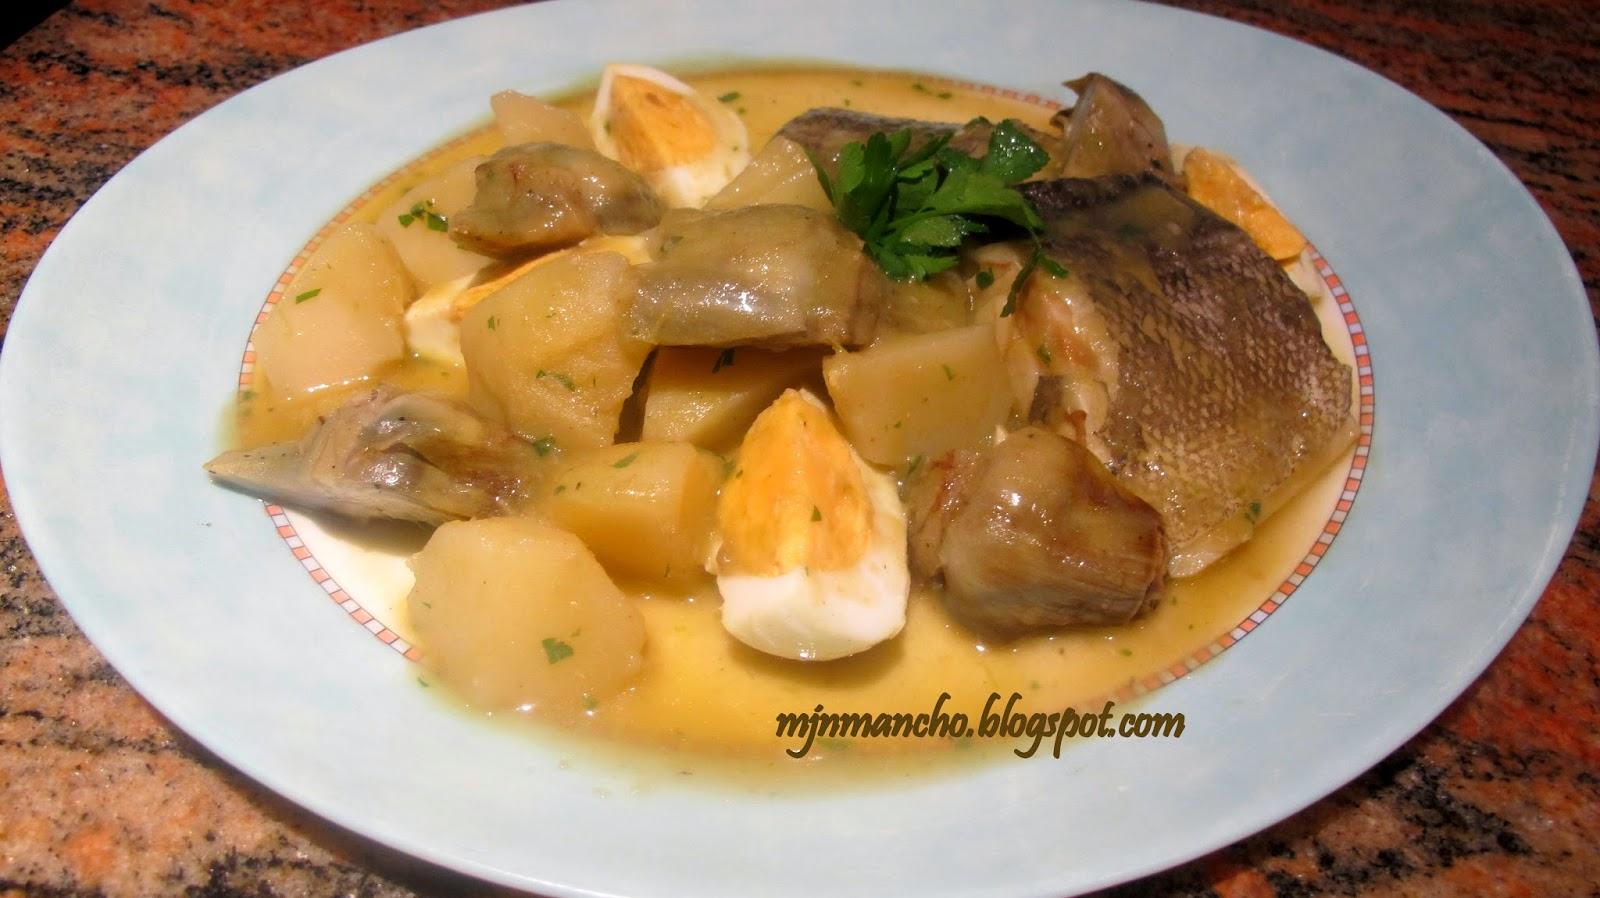 La casa de lalaina alcachofas - Bacalao guisado con patatas ...